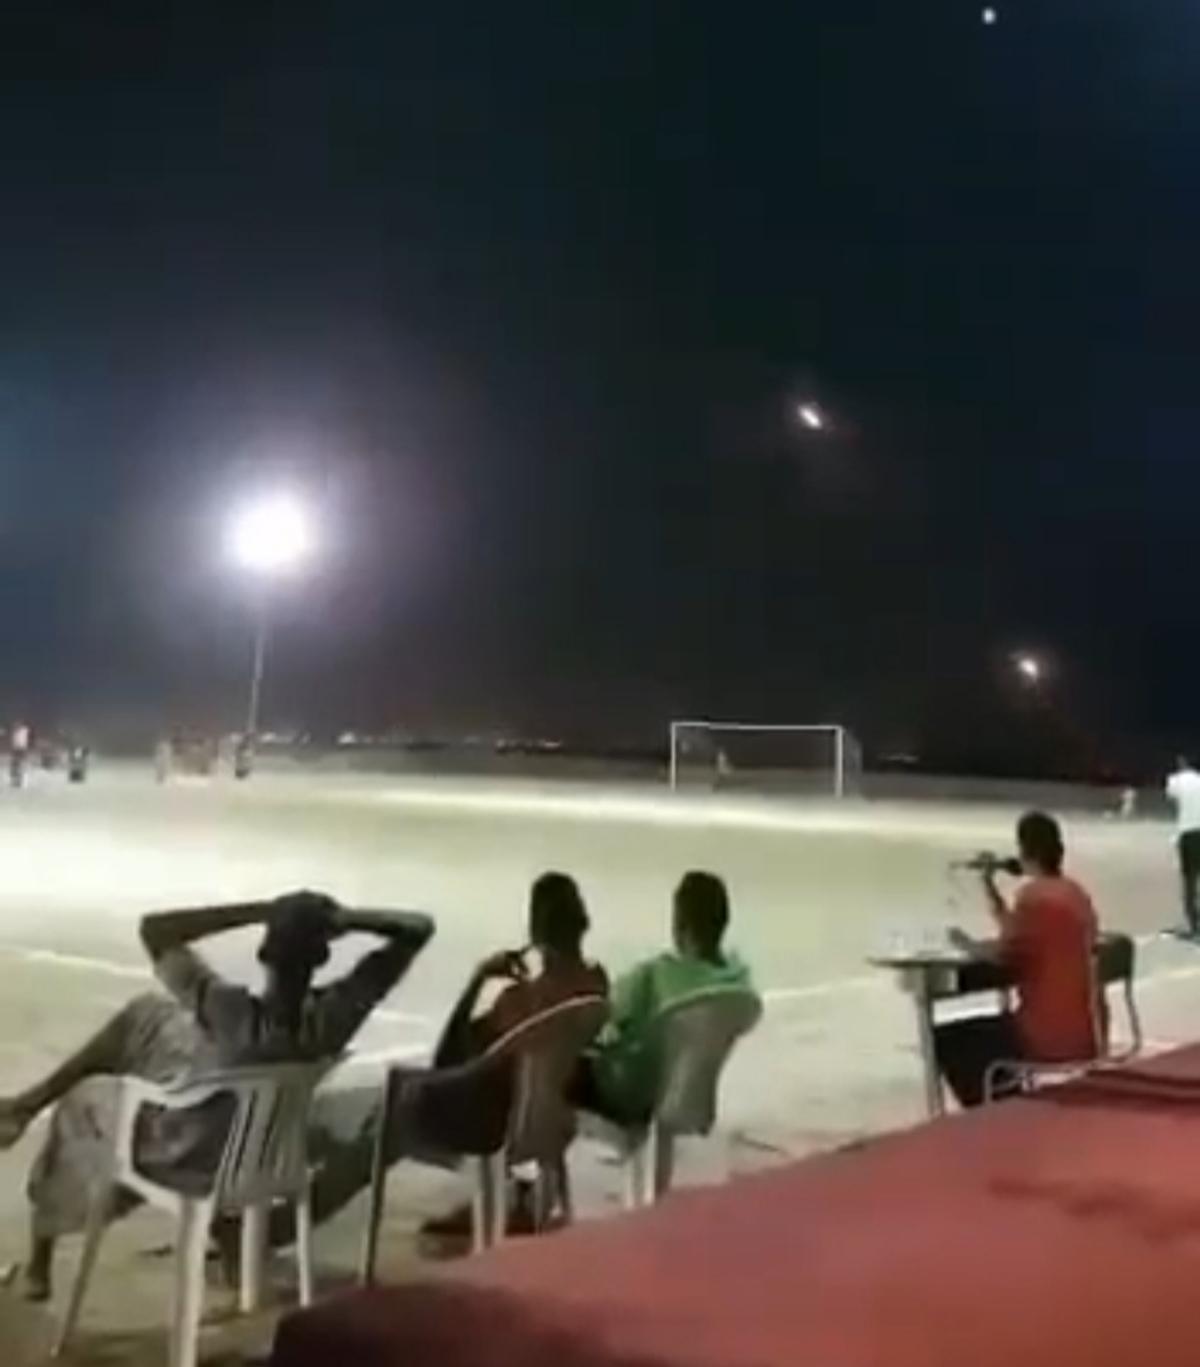 اینجا یمن است: مسابقه فوتبال در برابر موشک های دشمن! + ویدئو